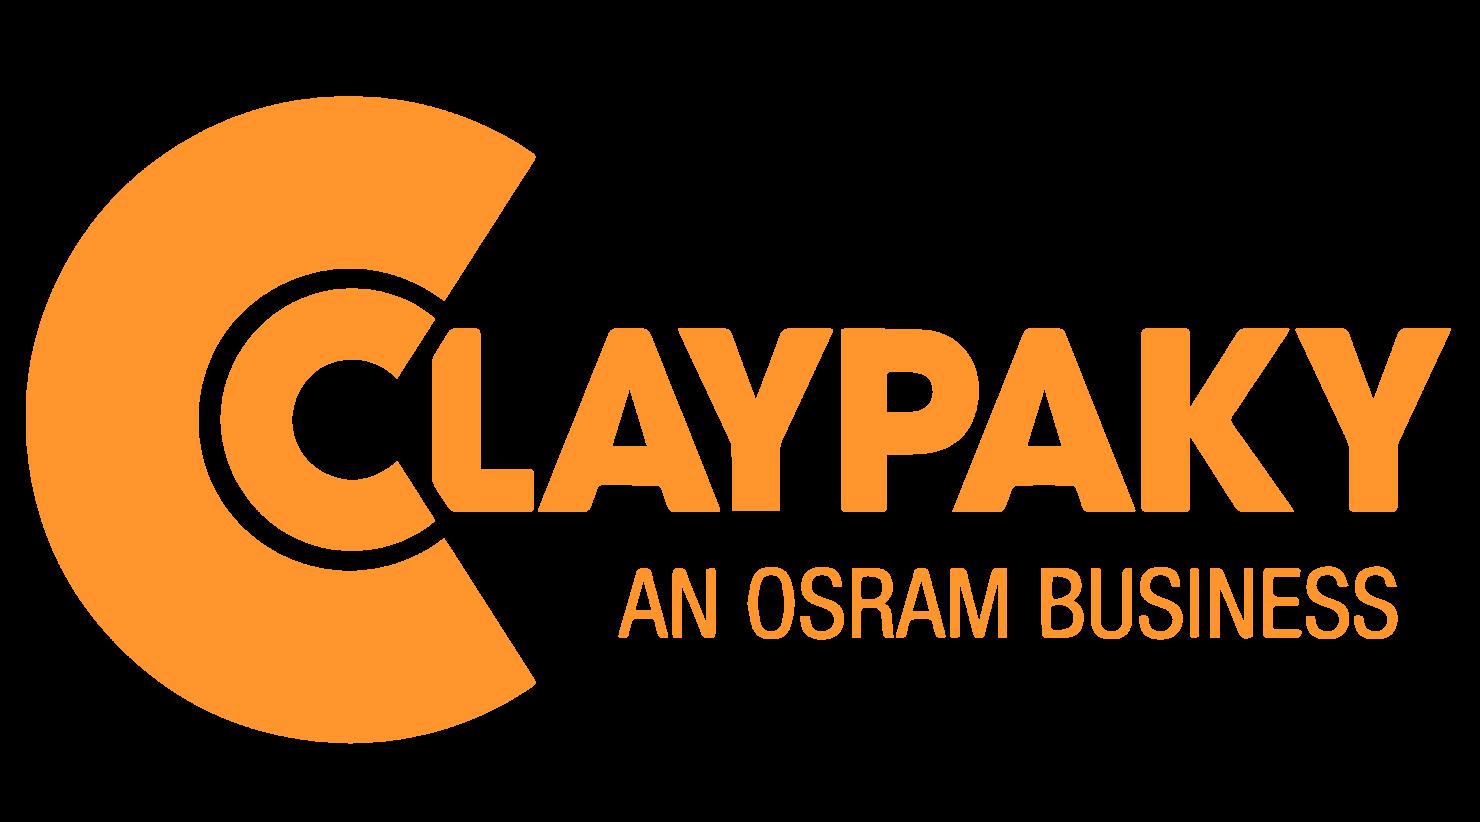 clay-paky